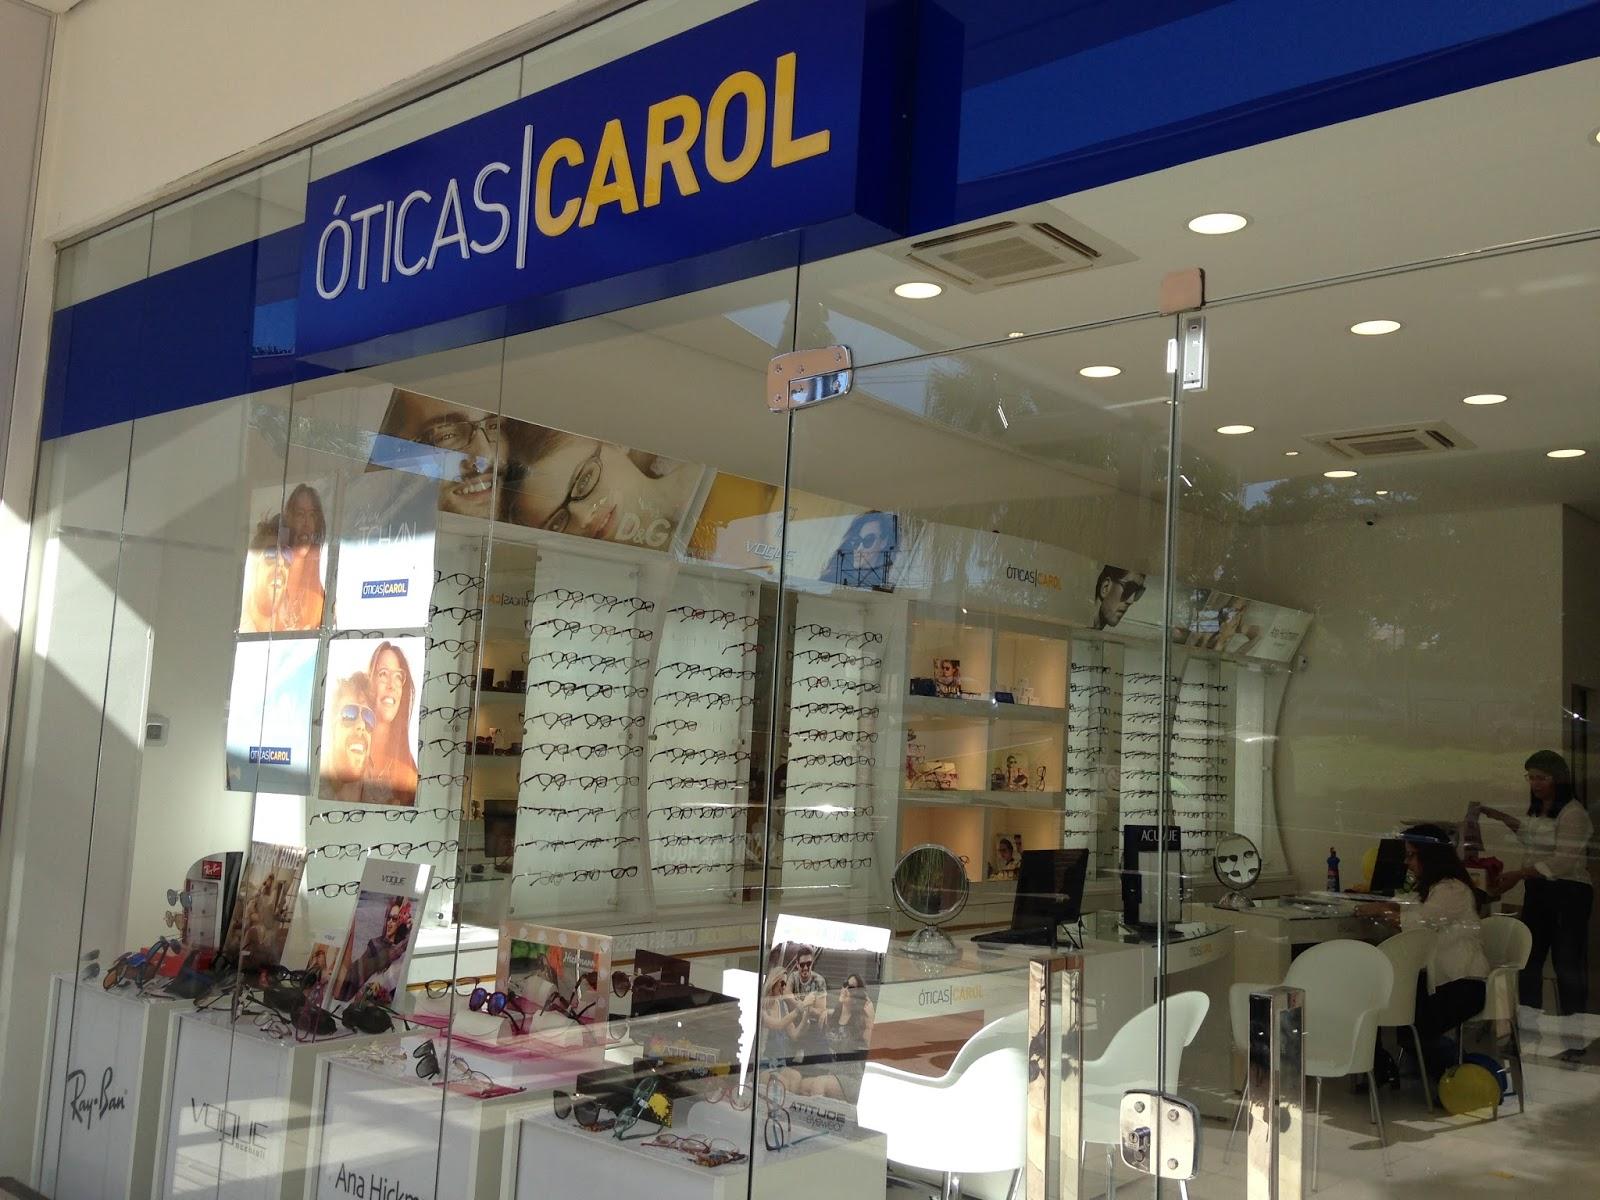 fa4b4ca1eb A franquia que conquista o público com produtos de qualidade, reconhecida  nacionalmente com as mais variadas marcas e grifes de sucesso no mundo  óptico, ...